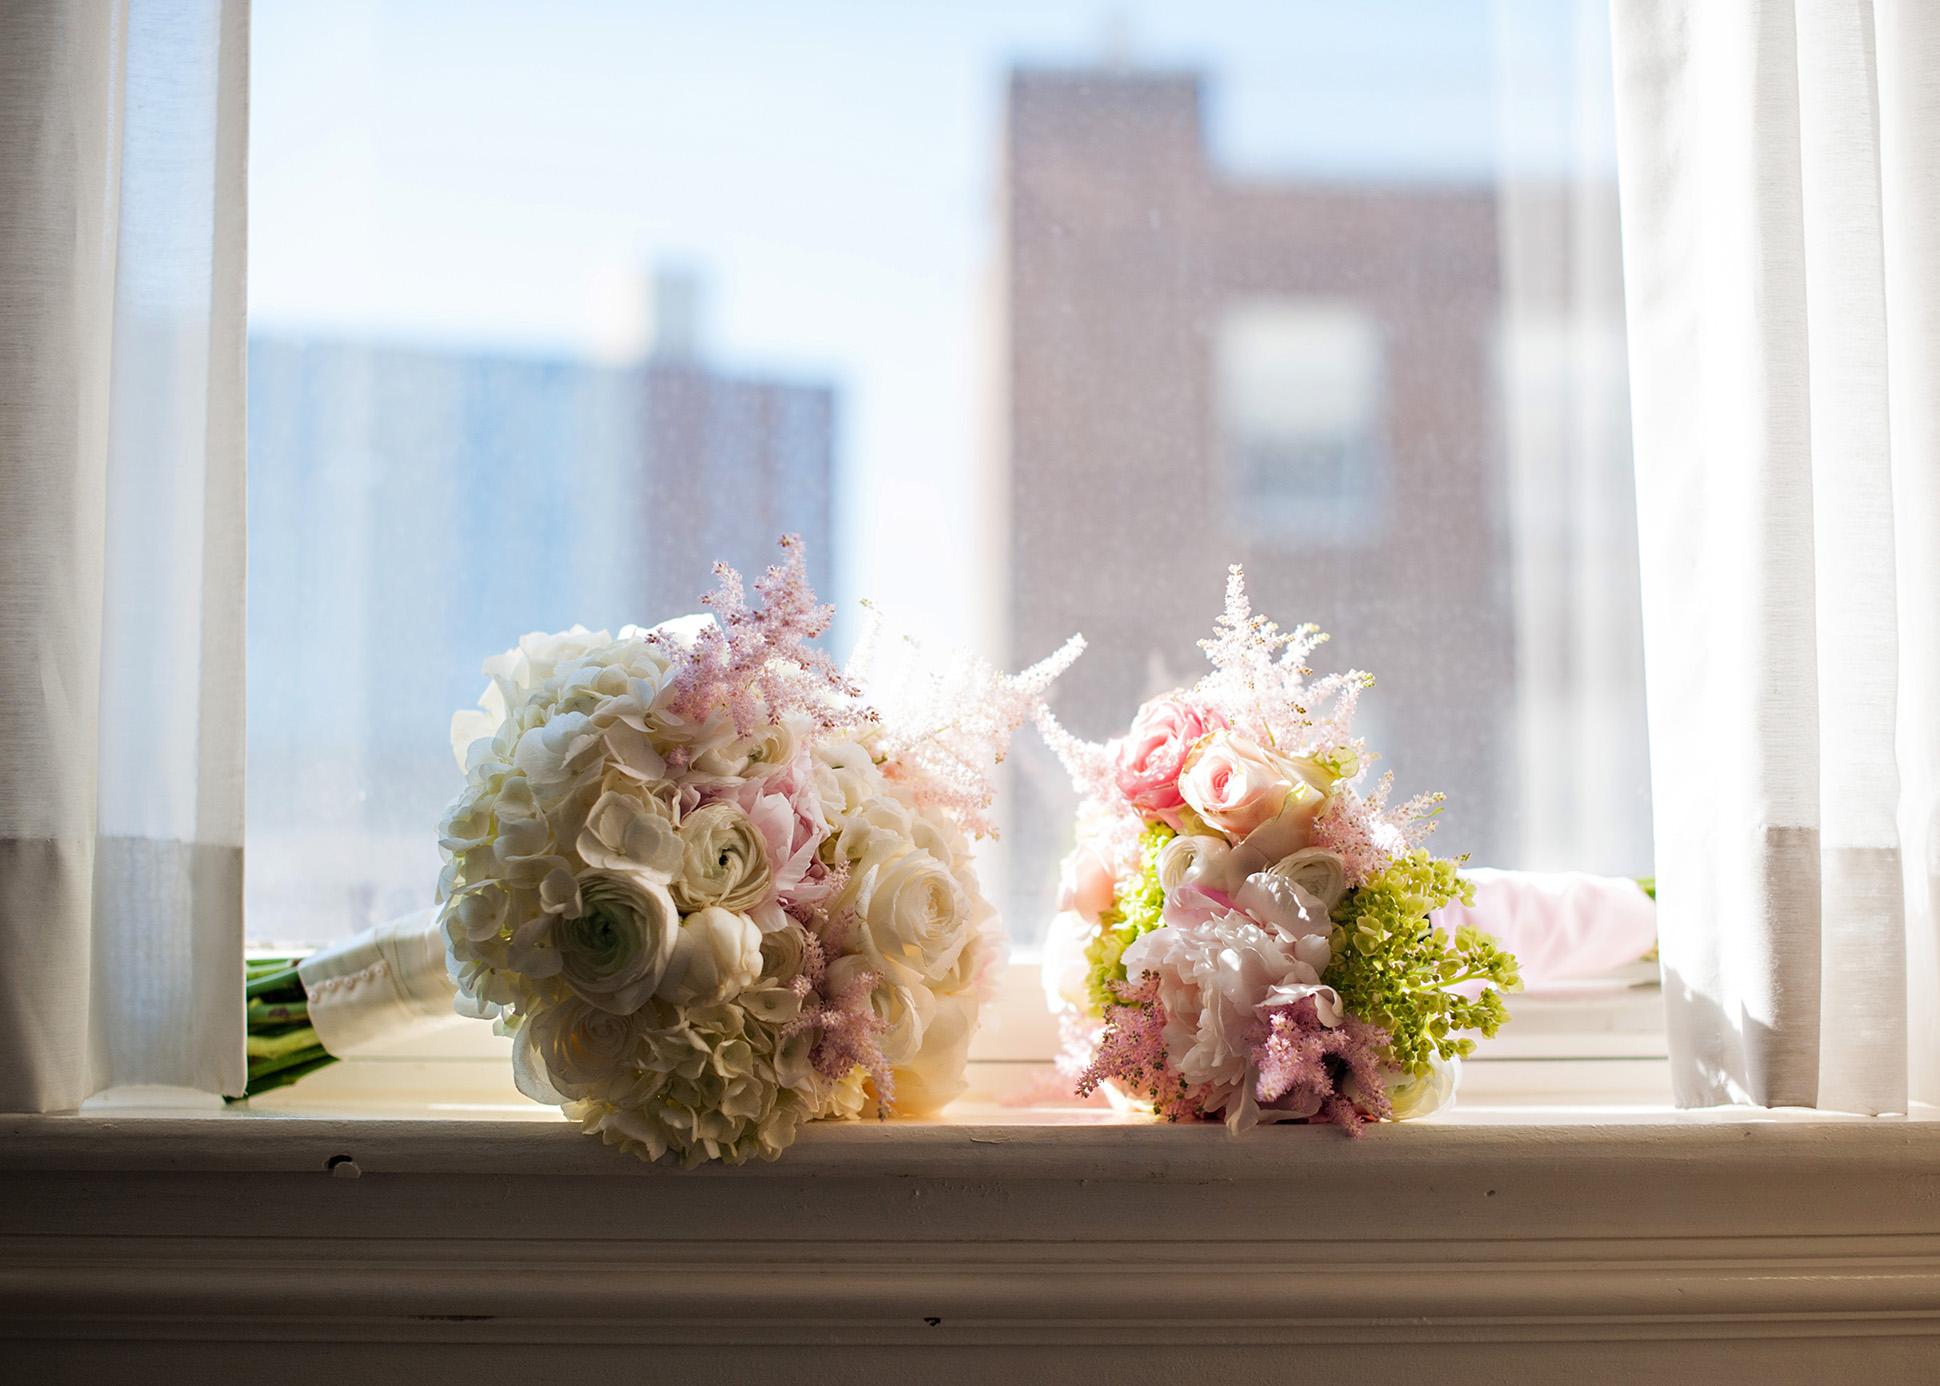 02-Sara Stadtmiller-SRS-Photography-Asbury-Park-Wedding-Photographer-Monmouth-County-Wedding-Photographer-NJ-Wedding-Photographer-Molly-Pitcher-Inn-Wedding